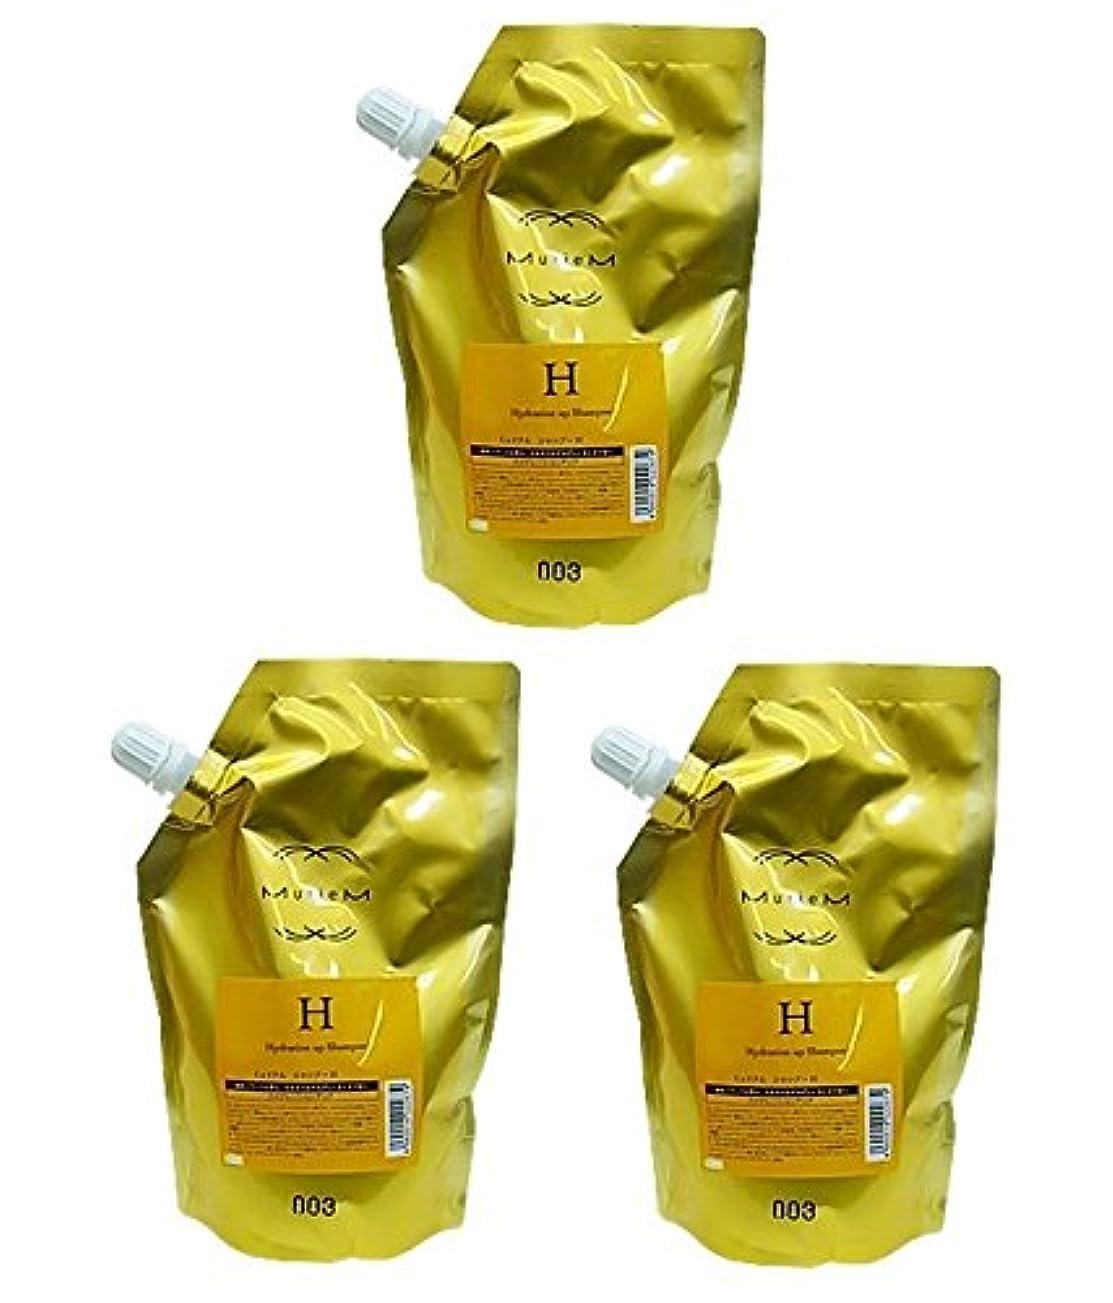 【X3個セット】 ナンバースリー ミュリアム ゴールド シャンプー H 500ml 詰替え用